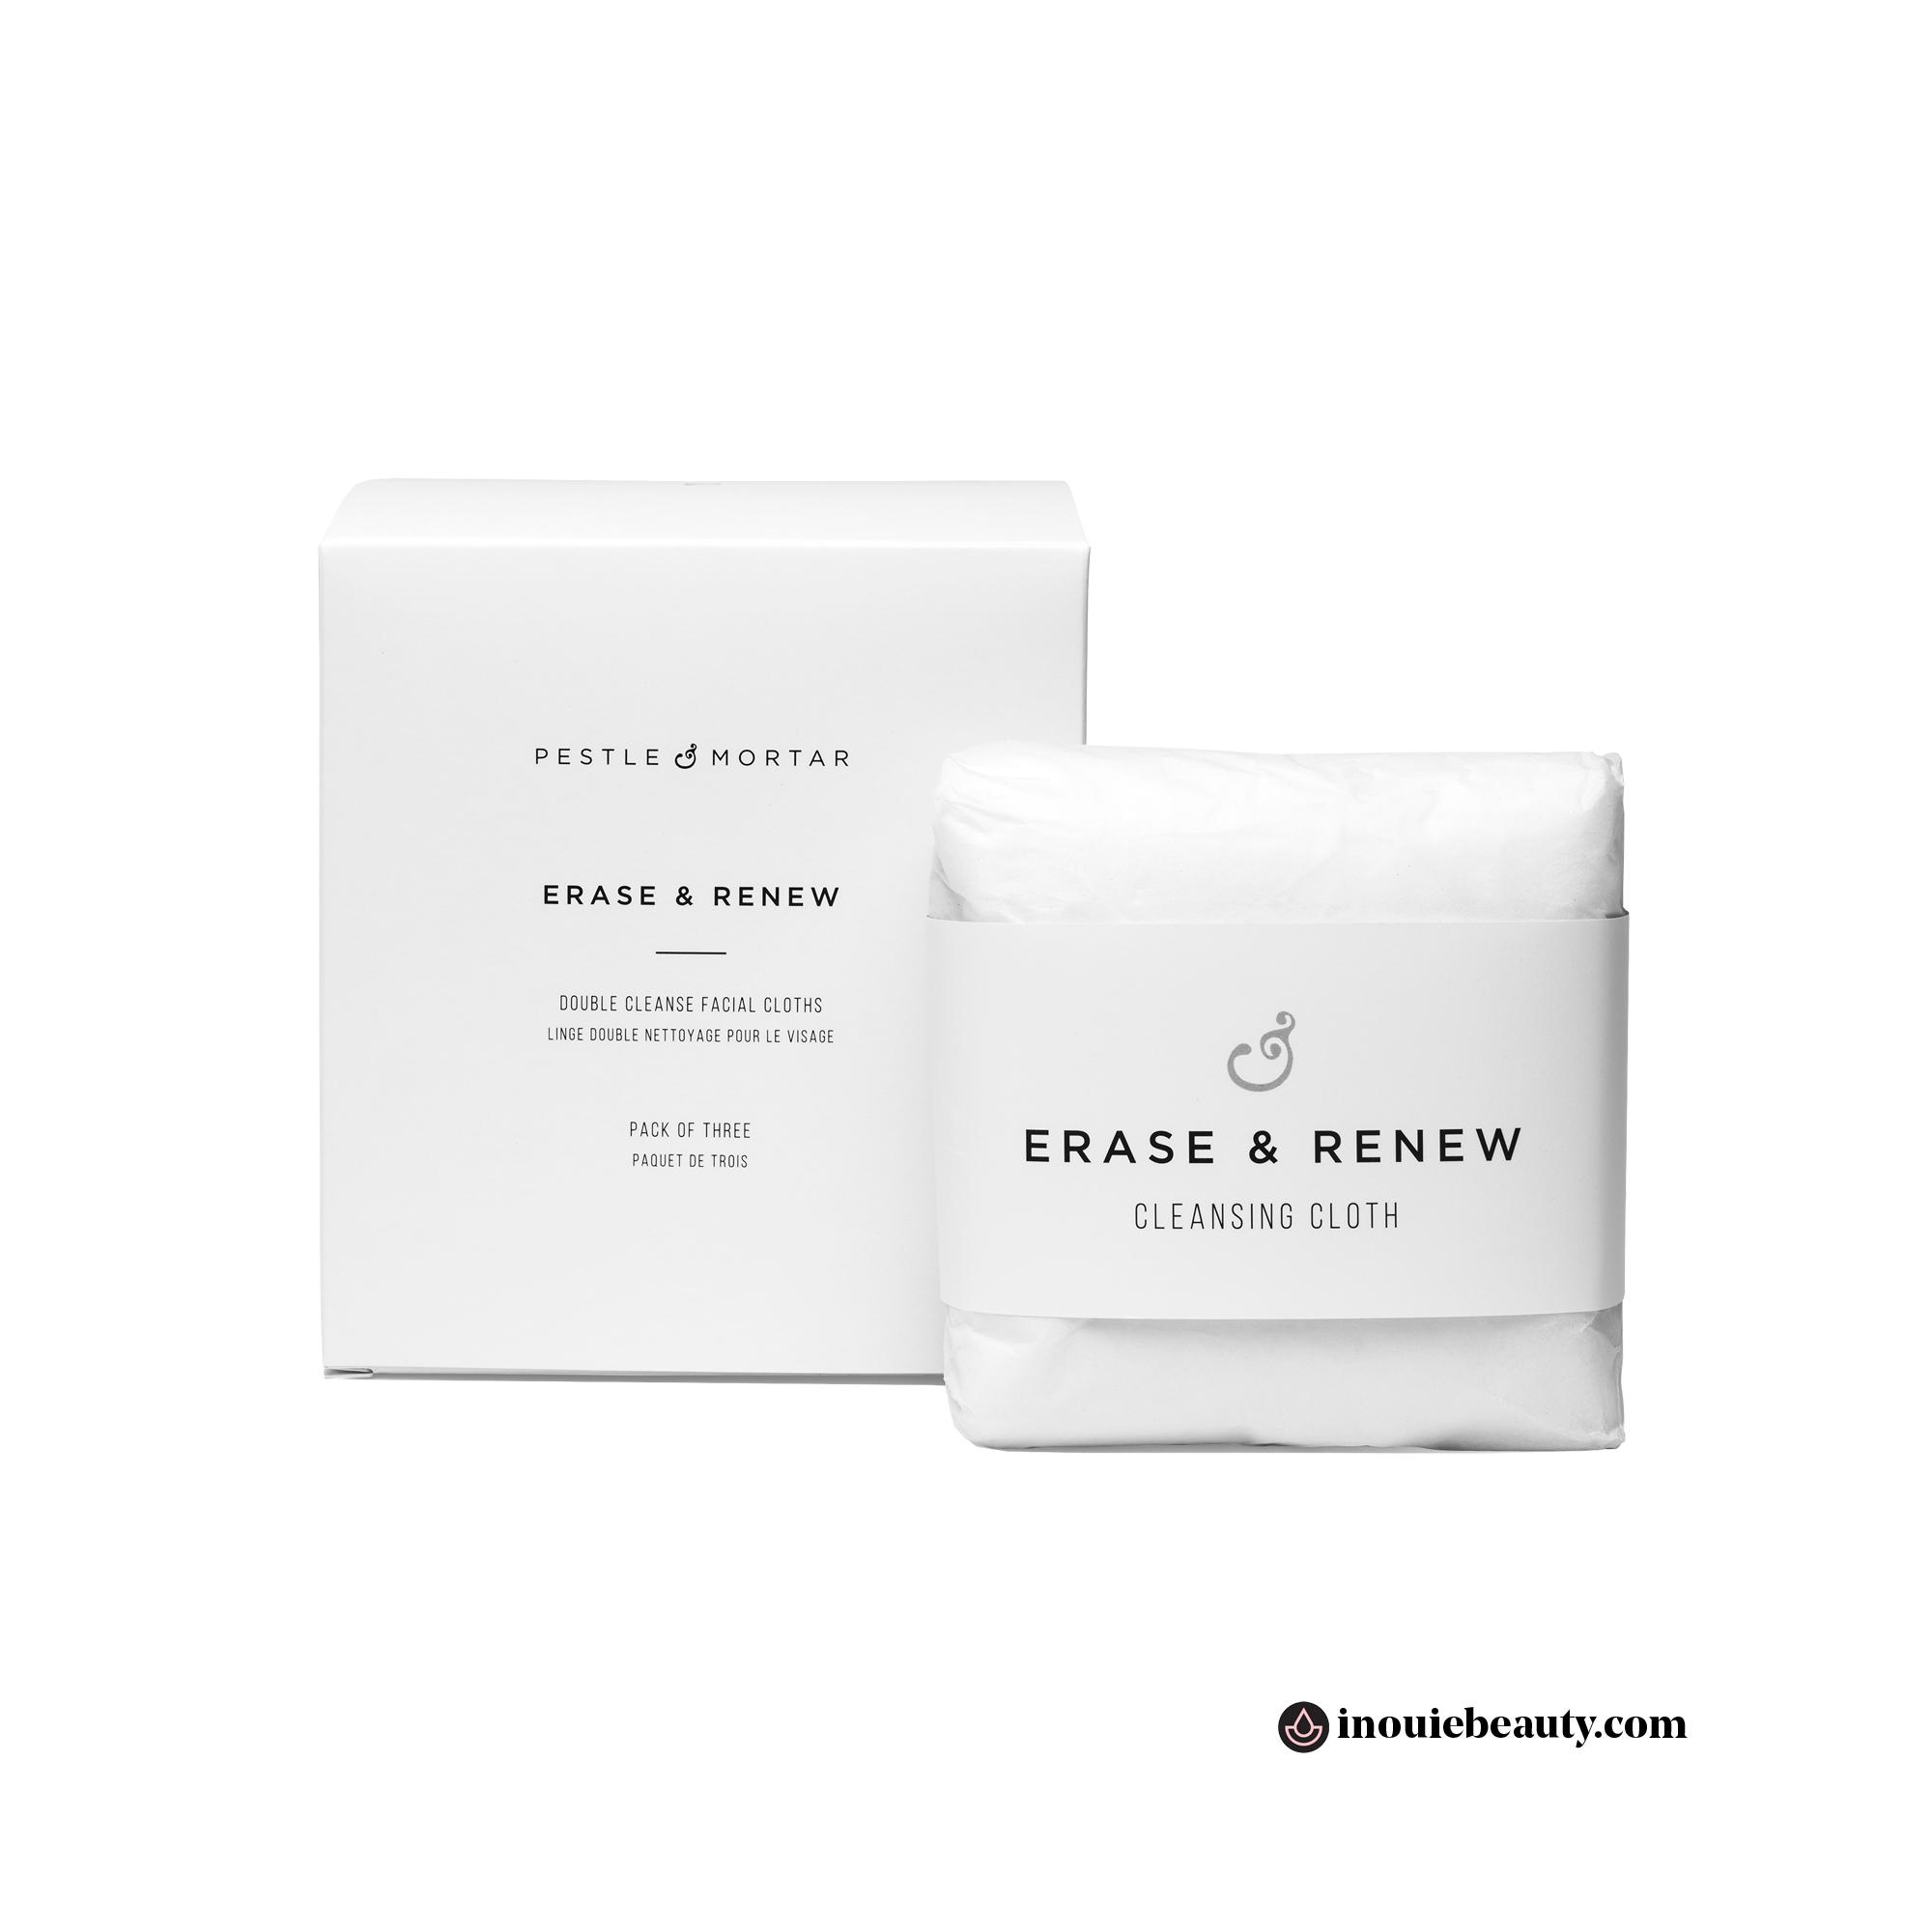 Pestle & Mortar Erase & Renew Cleansing Cloth